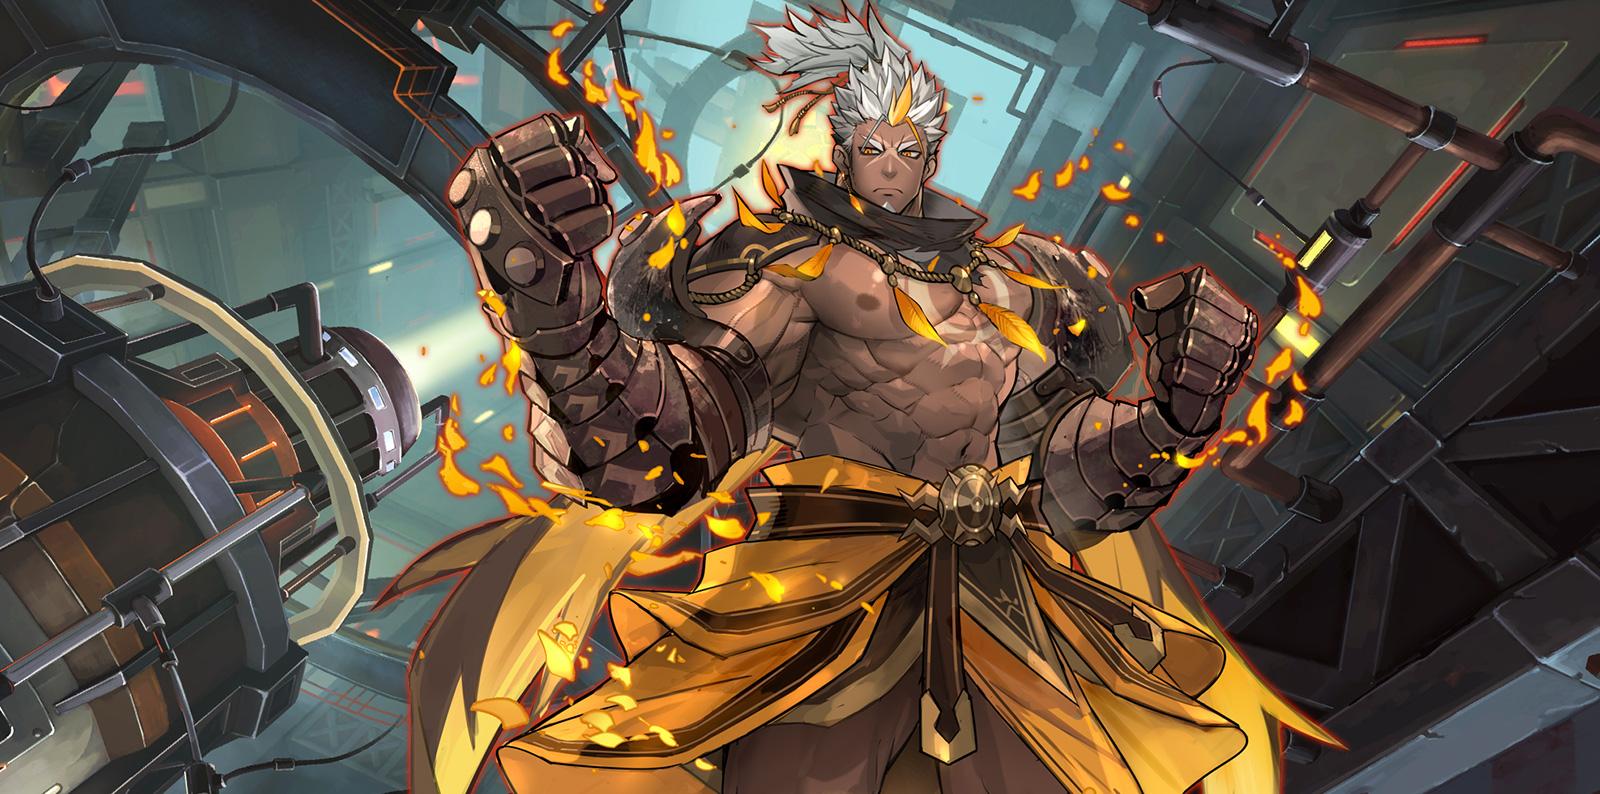 8月13日更新公告:新蓋伊比澤爾、清涼泳裝、暗流亂入-chouka_The_Iron_Fist_of_black_fire0.jpg